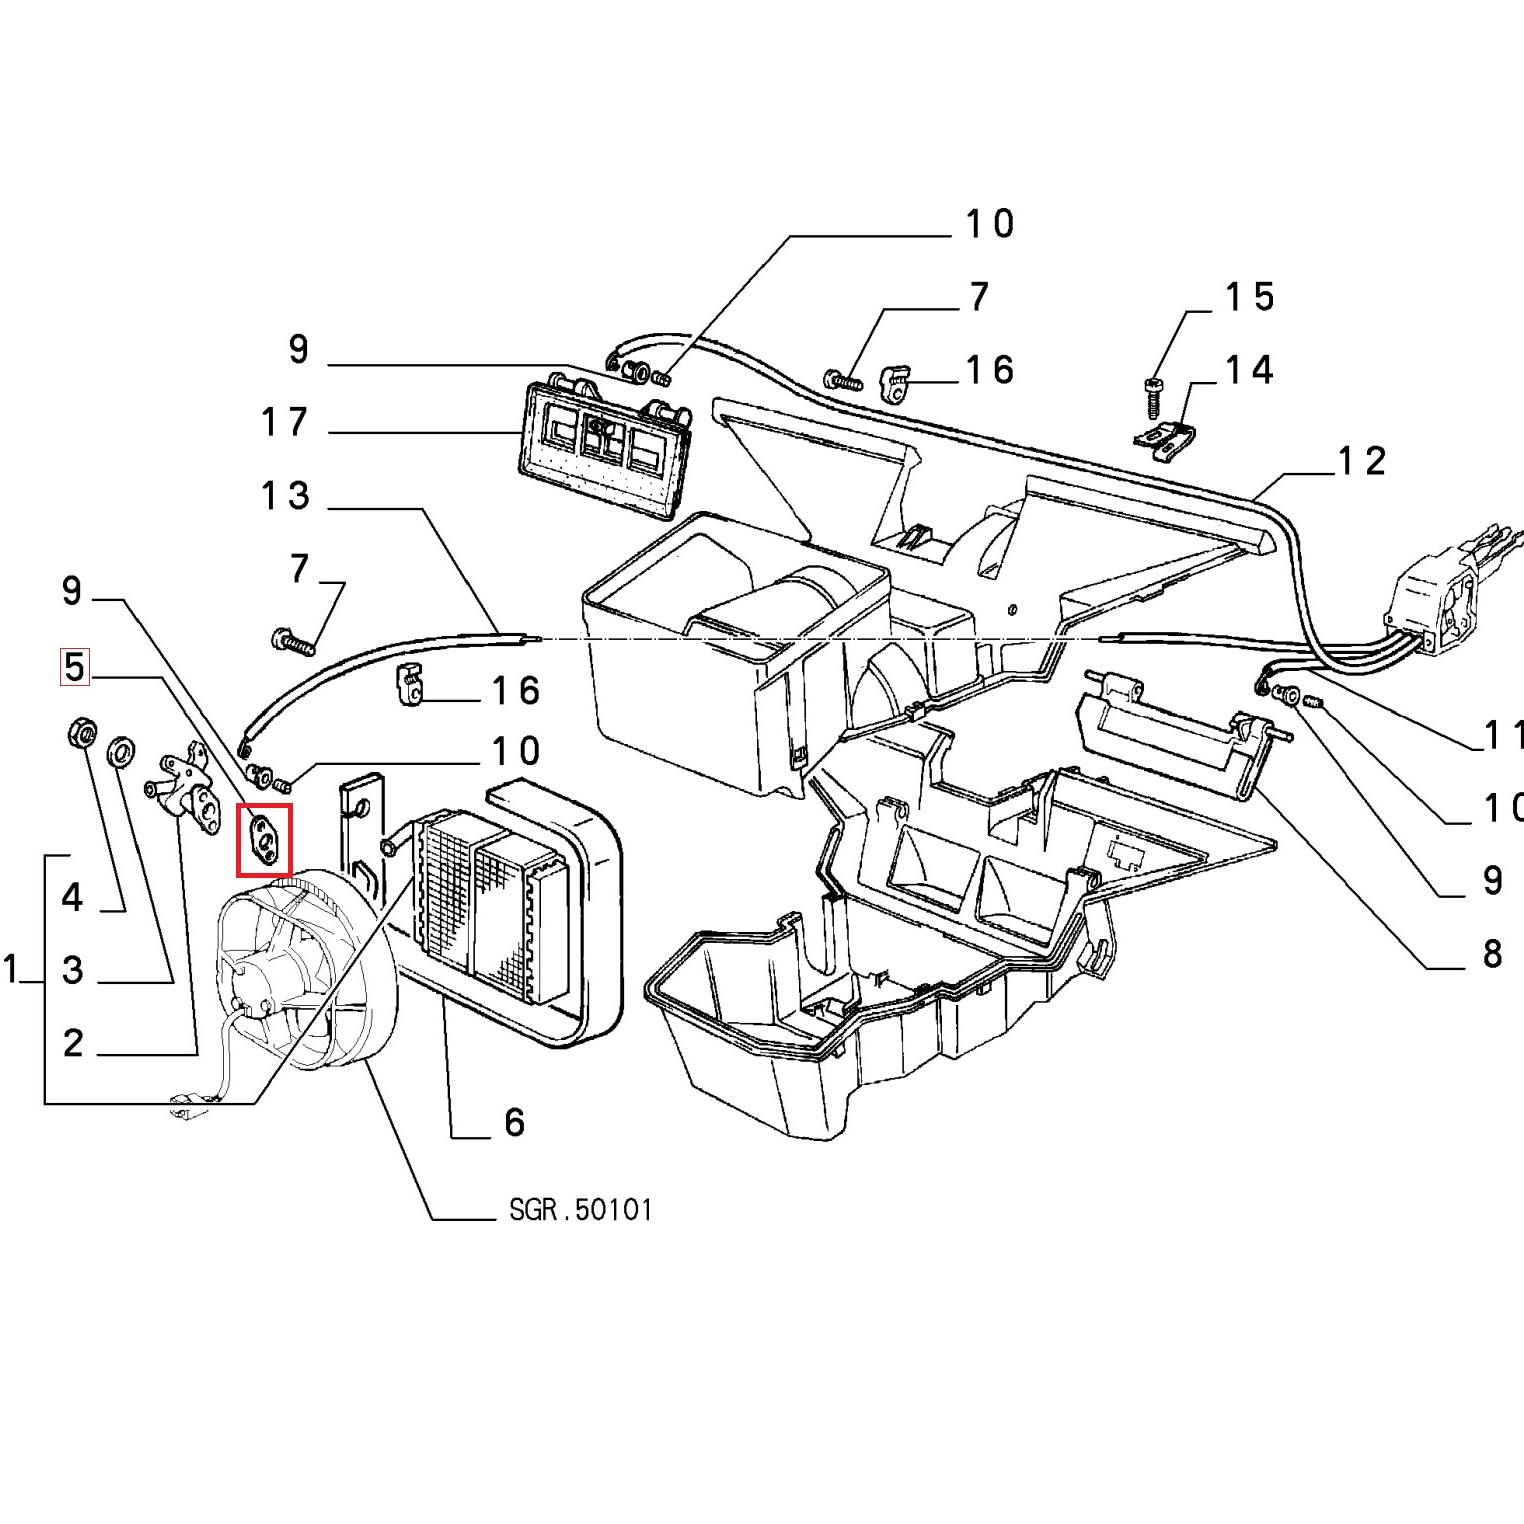 AUTOBIANCHI A 112 GUARNIZIONE RUBINETTO RISCALDAMENTO